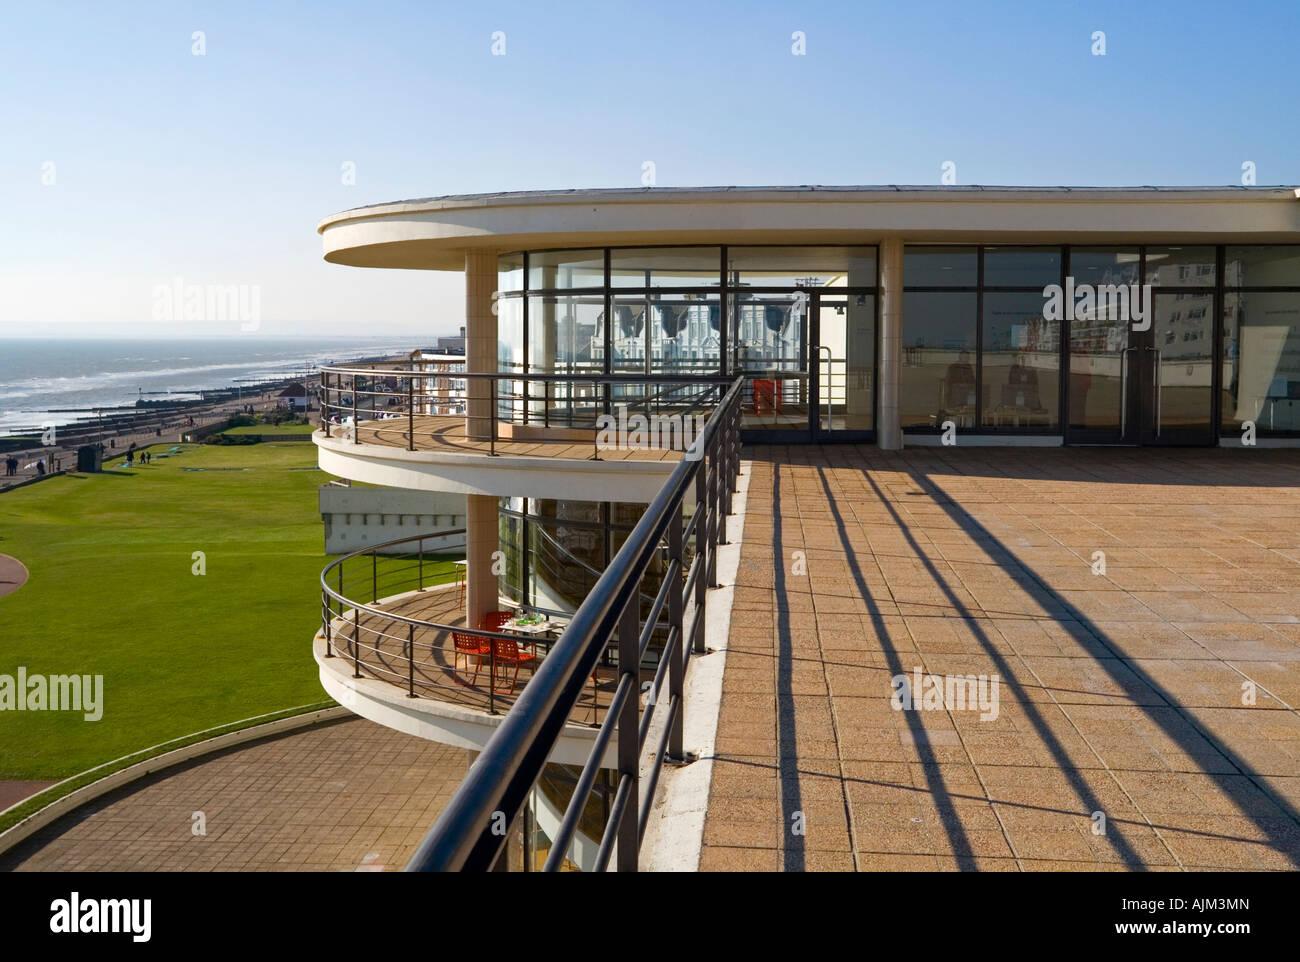 Esterno del De La Warr Pavilion a Bexhill on Sea East Sussex Regno Unito progettato da Erich Mendelsohn e Serge Foto Stock